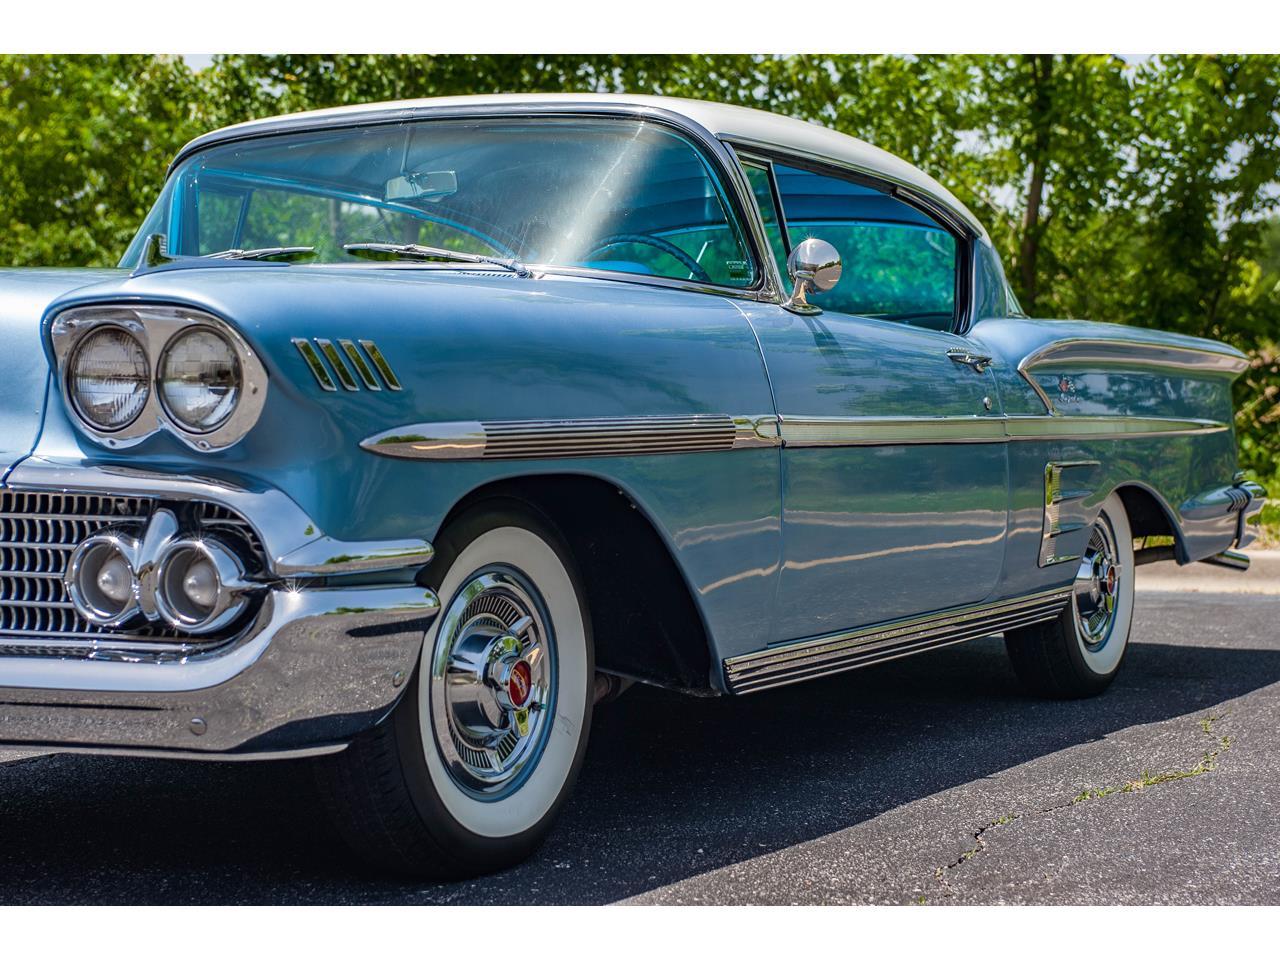 Large Picture of 1958 Impala located in O'Fallon Illinois - $62,000.00 - QB9Q